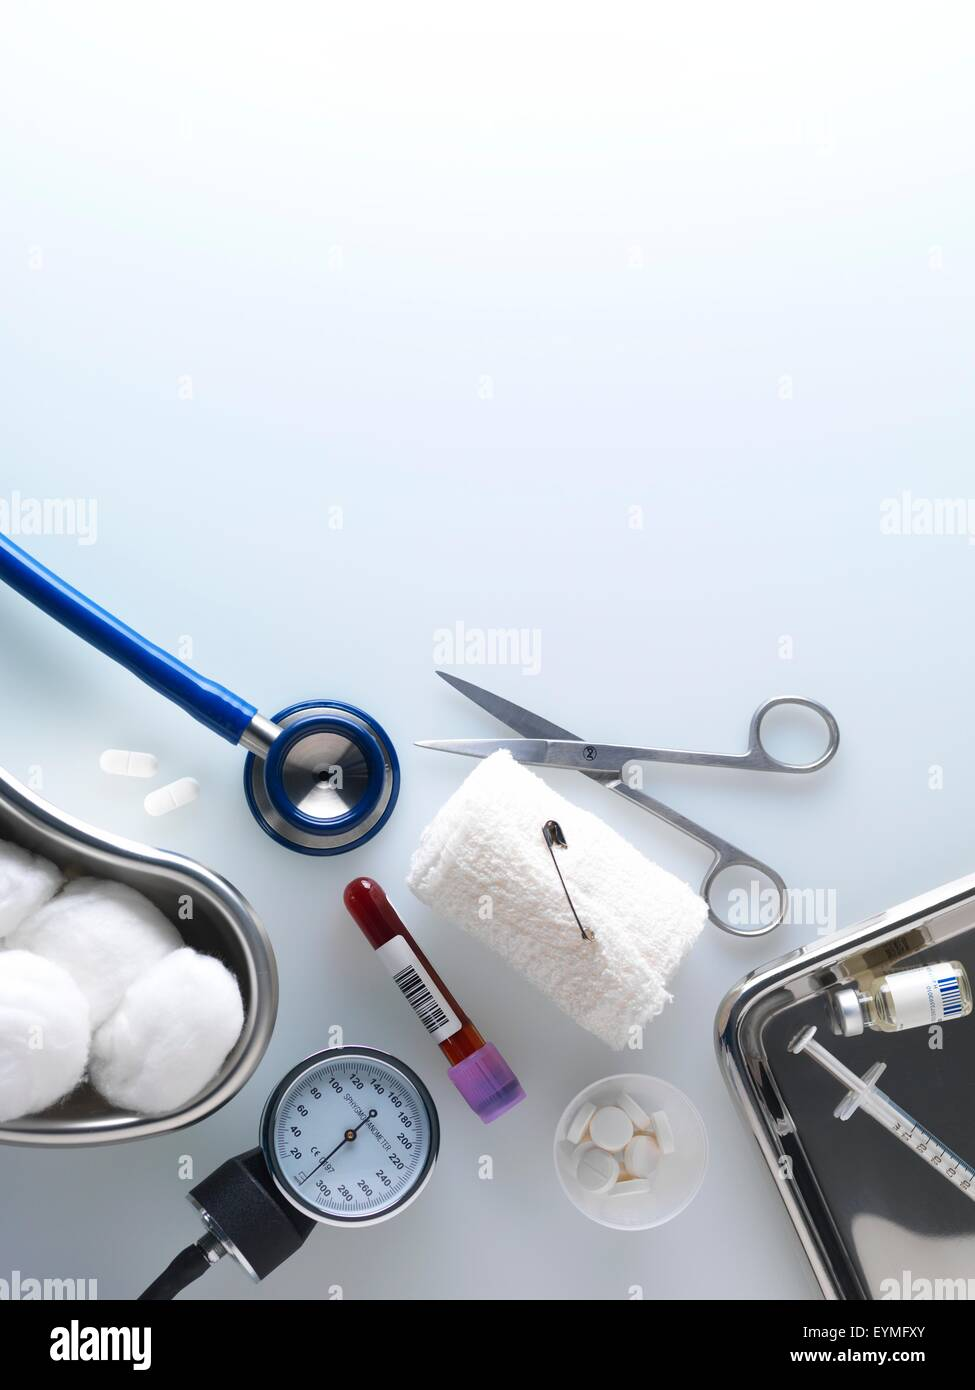 Eine Auswahl von medizinischen Geräten und Verbrauchsmaterialien Stockbild